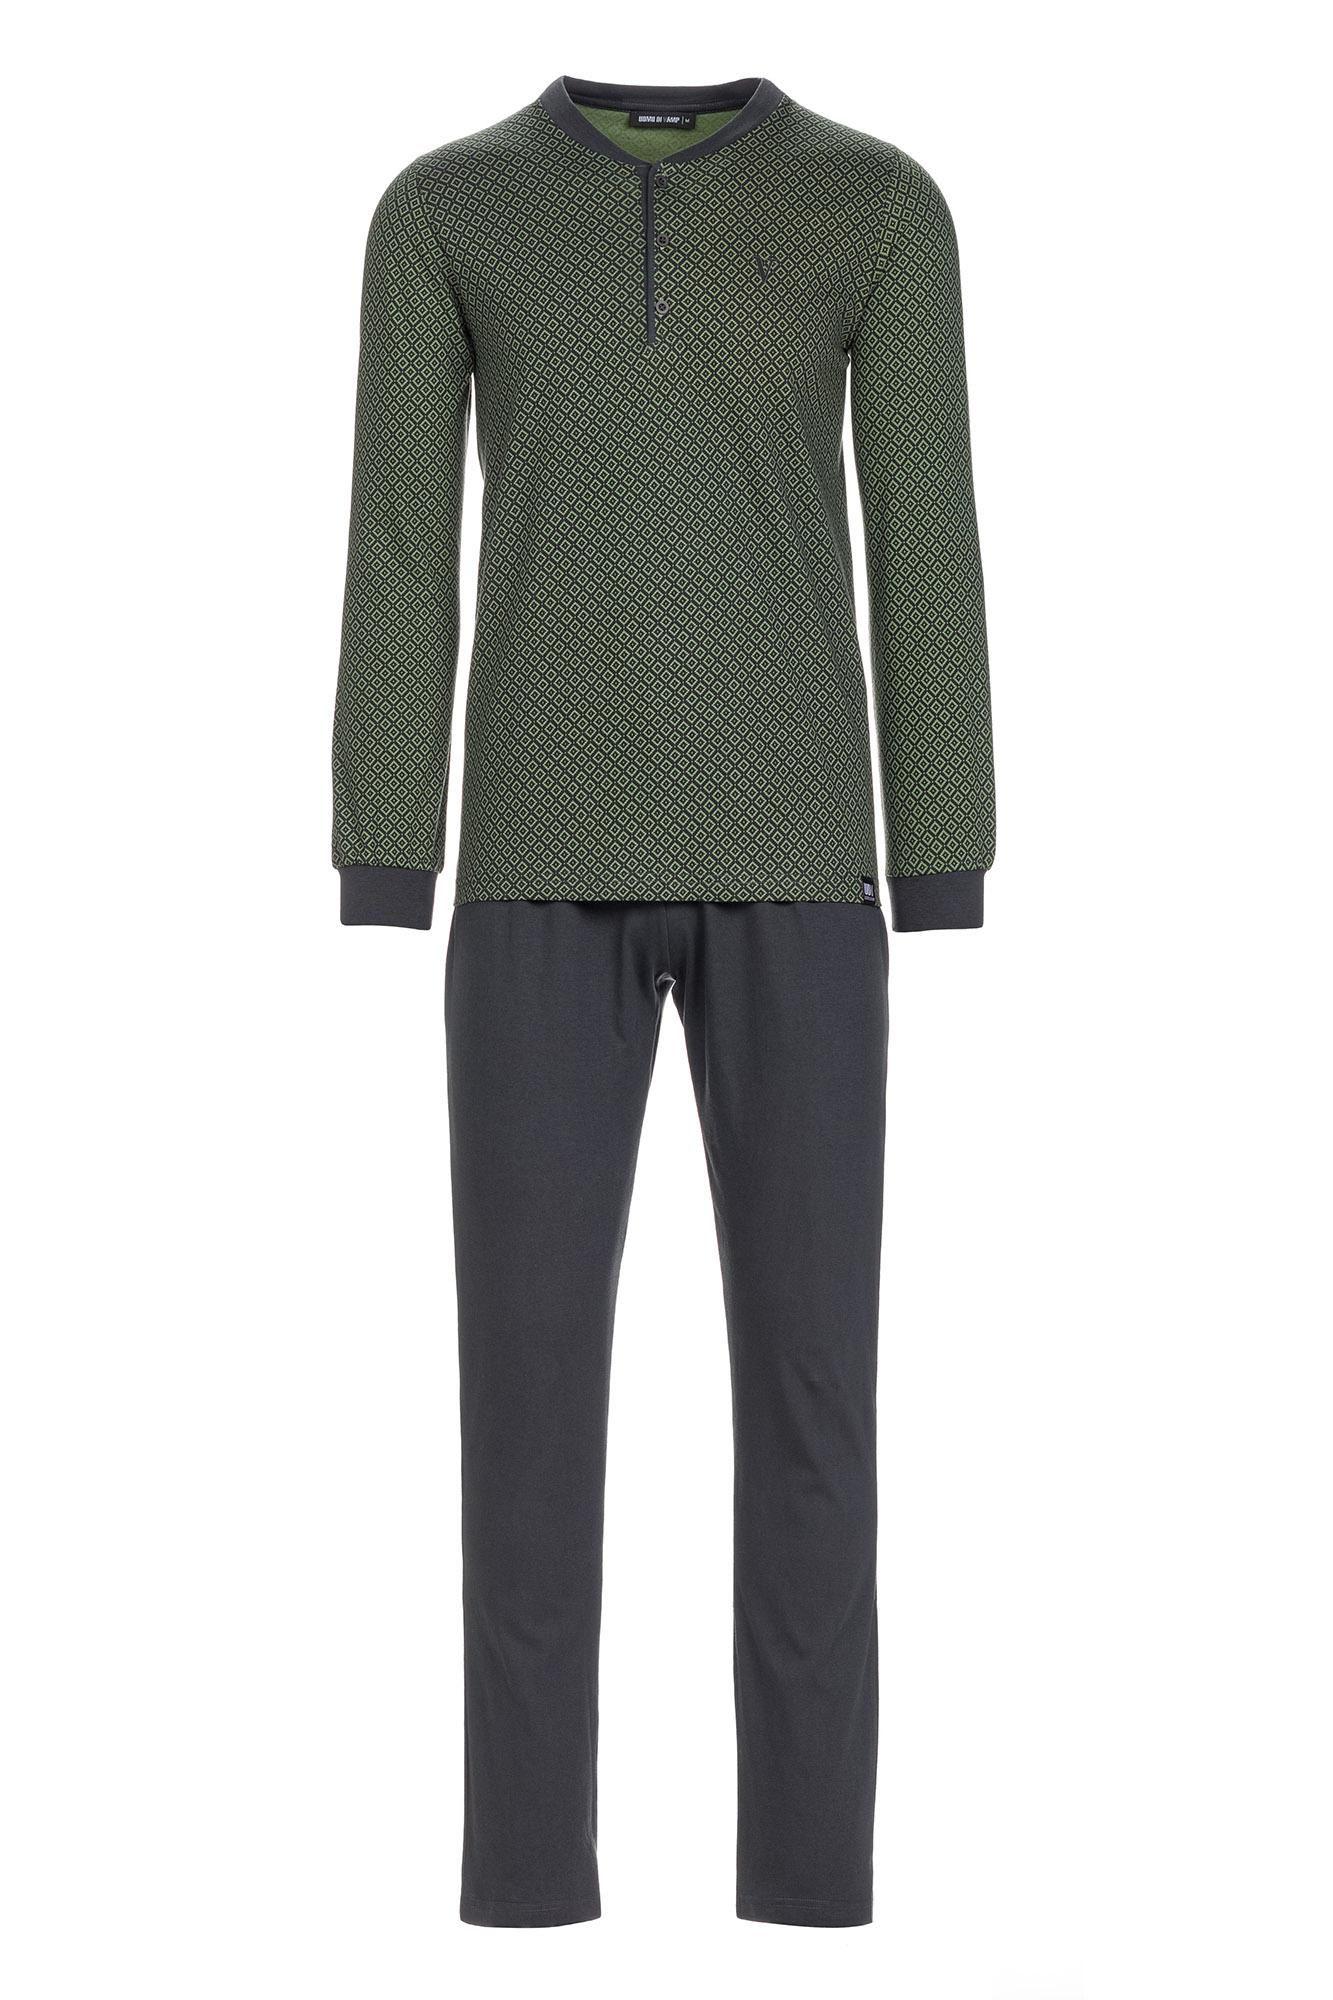 Men's Patterned Pyjamas with Button Placket Plus Size